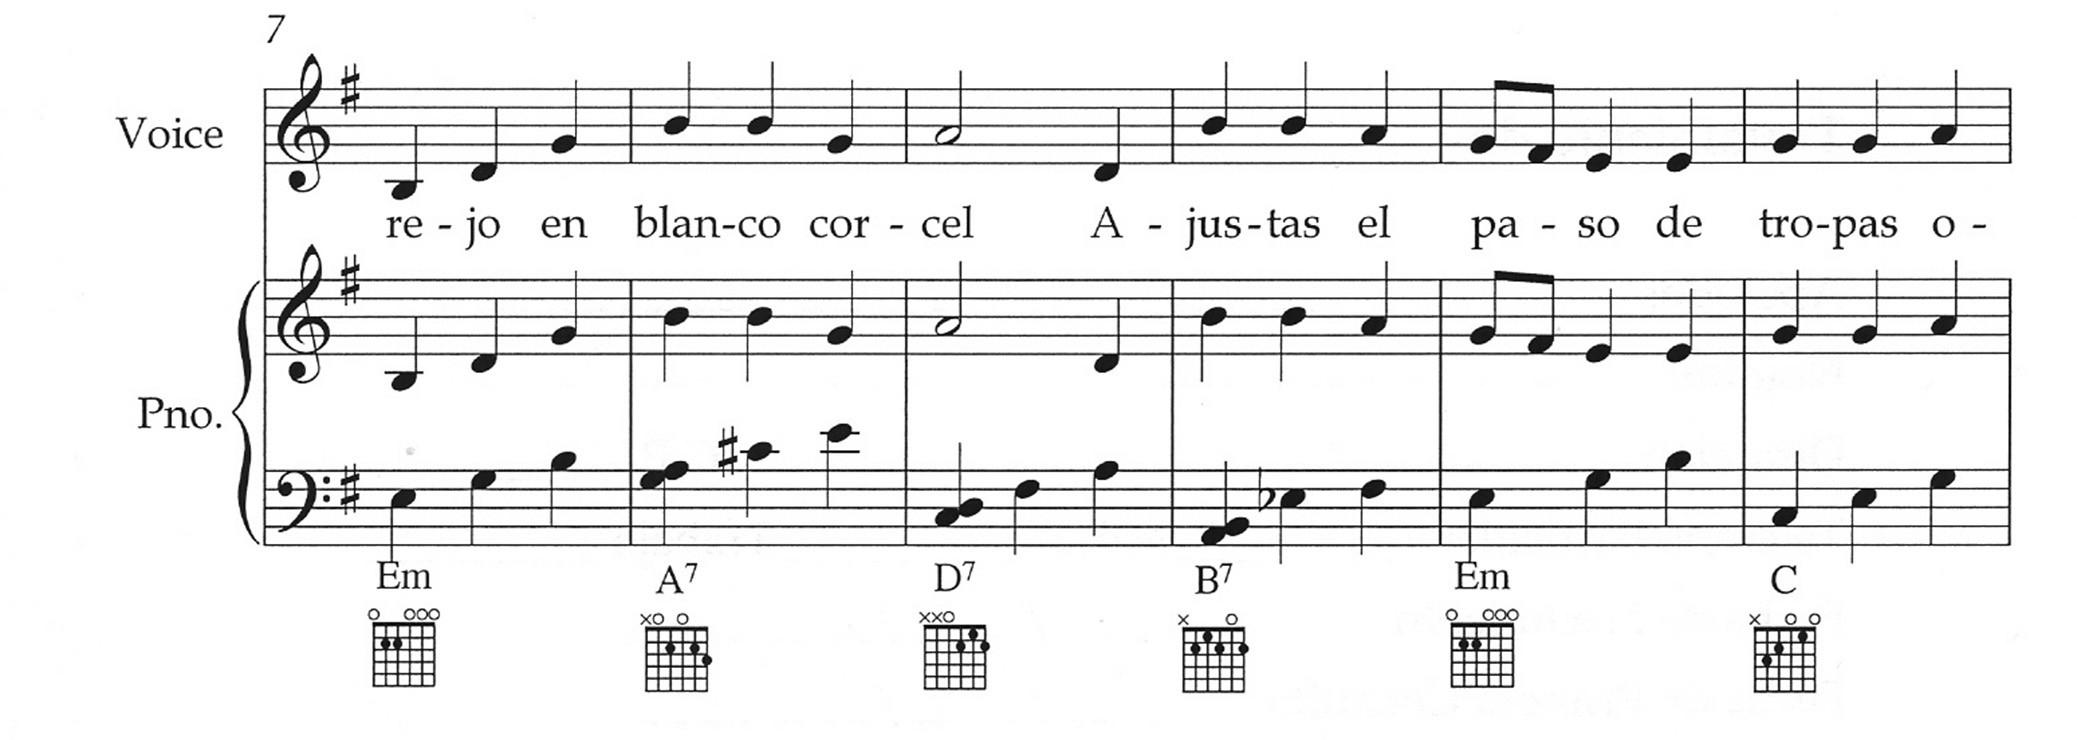 música ciencia y tecnología partitura piano y voz matematica fisica